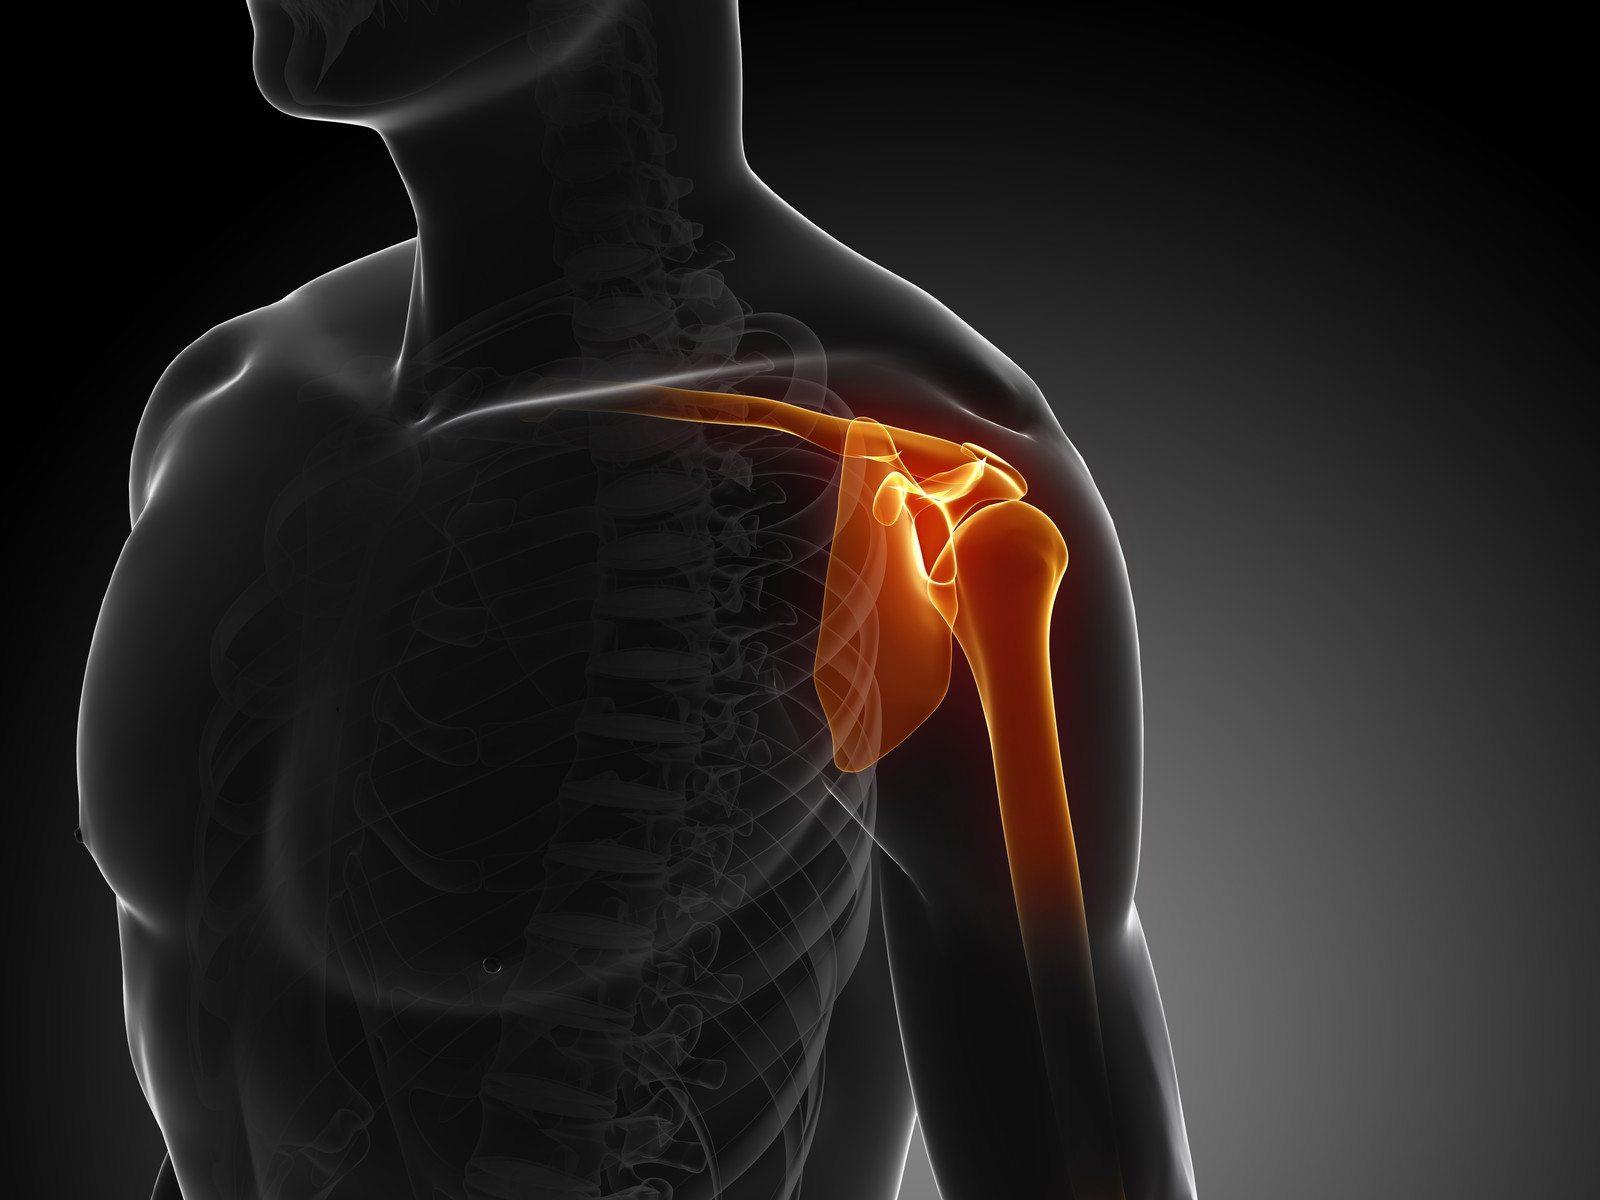 Рентген диагностика плечевого сустава